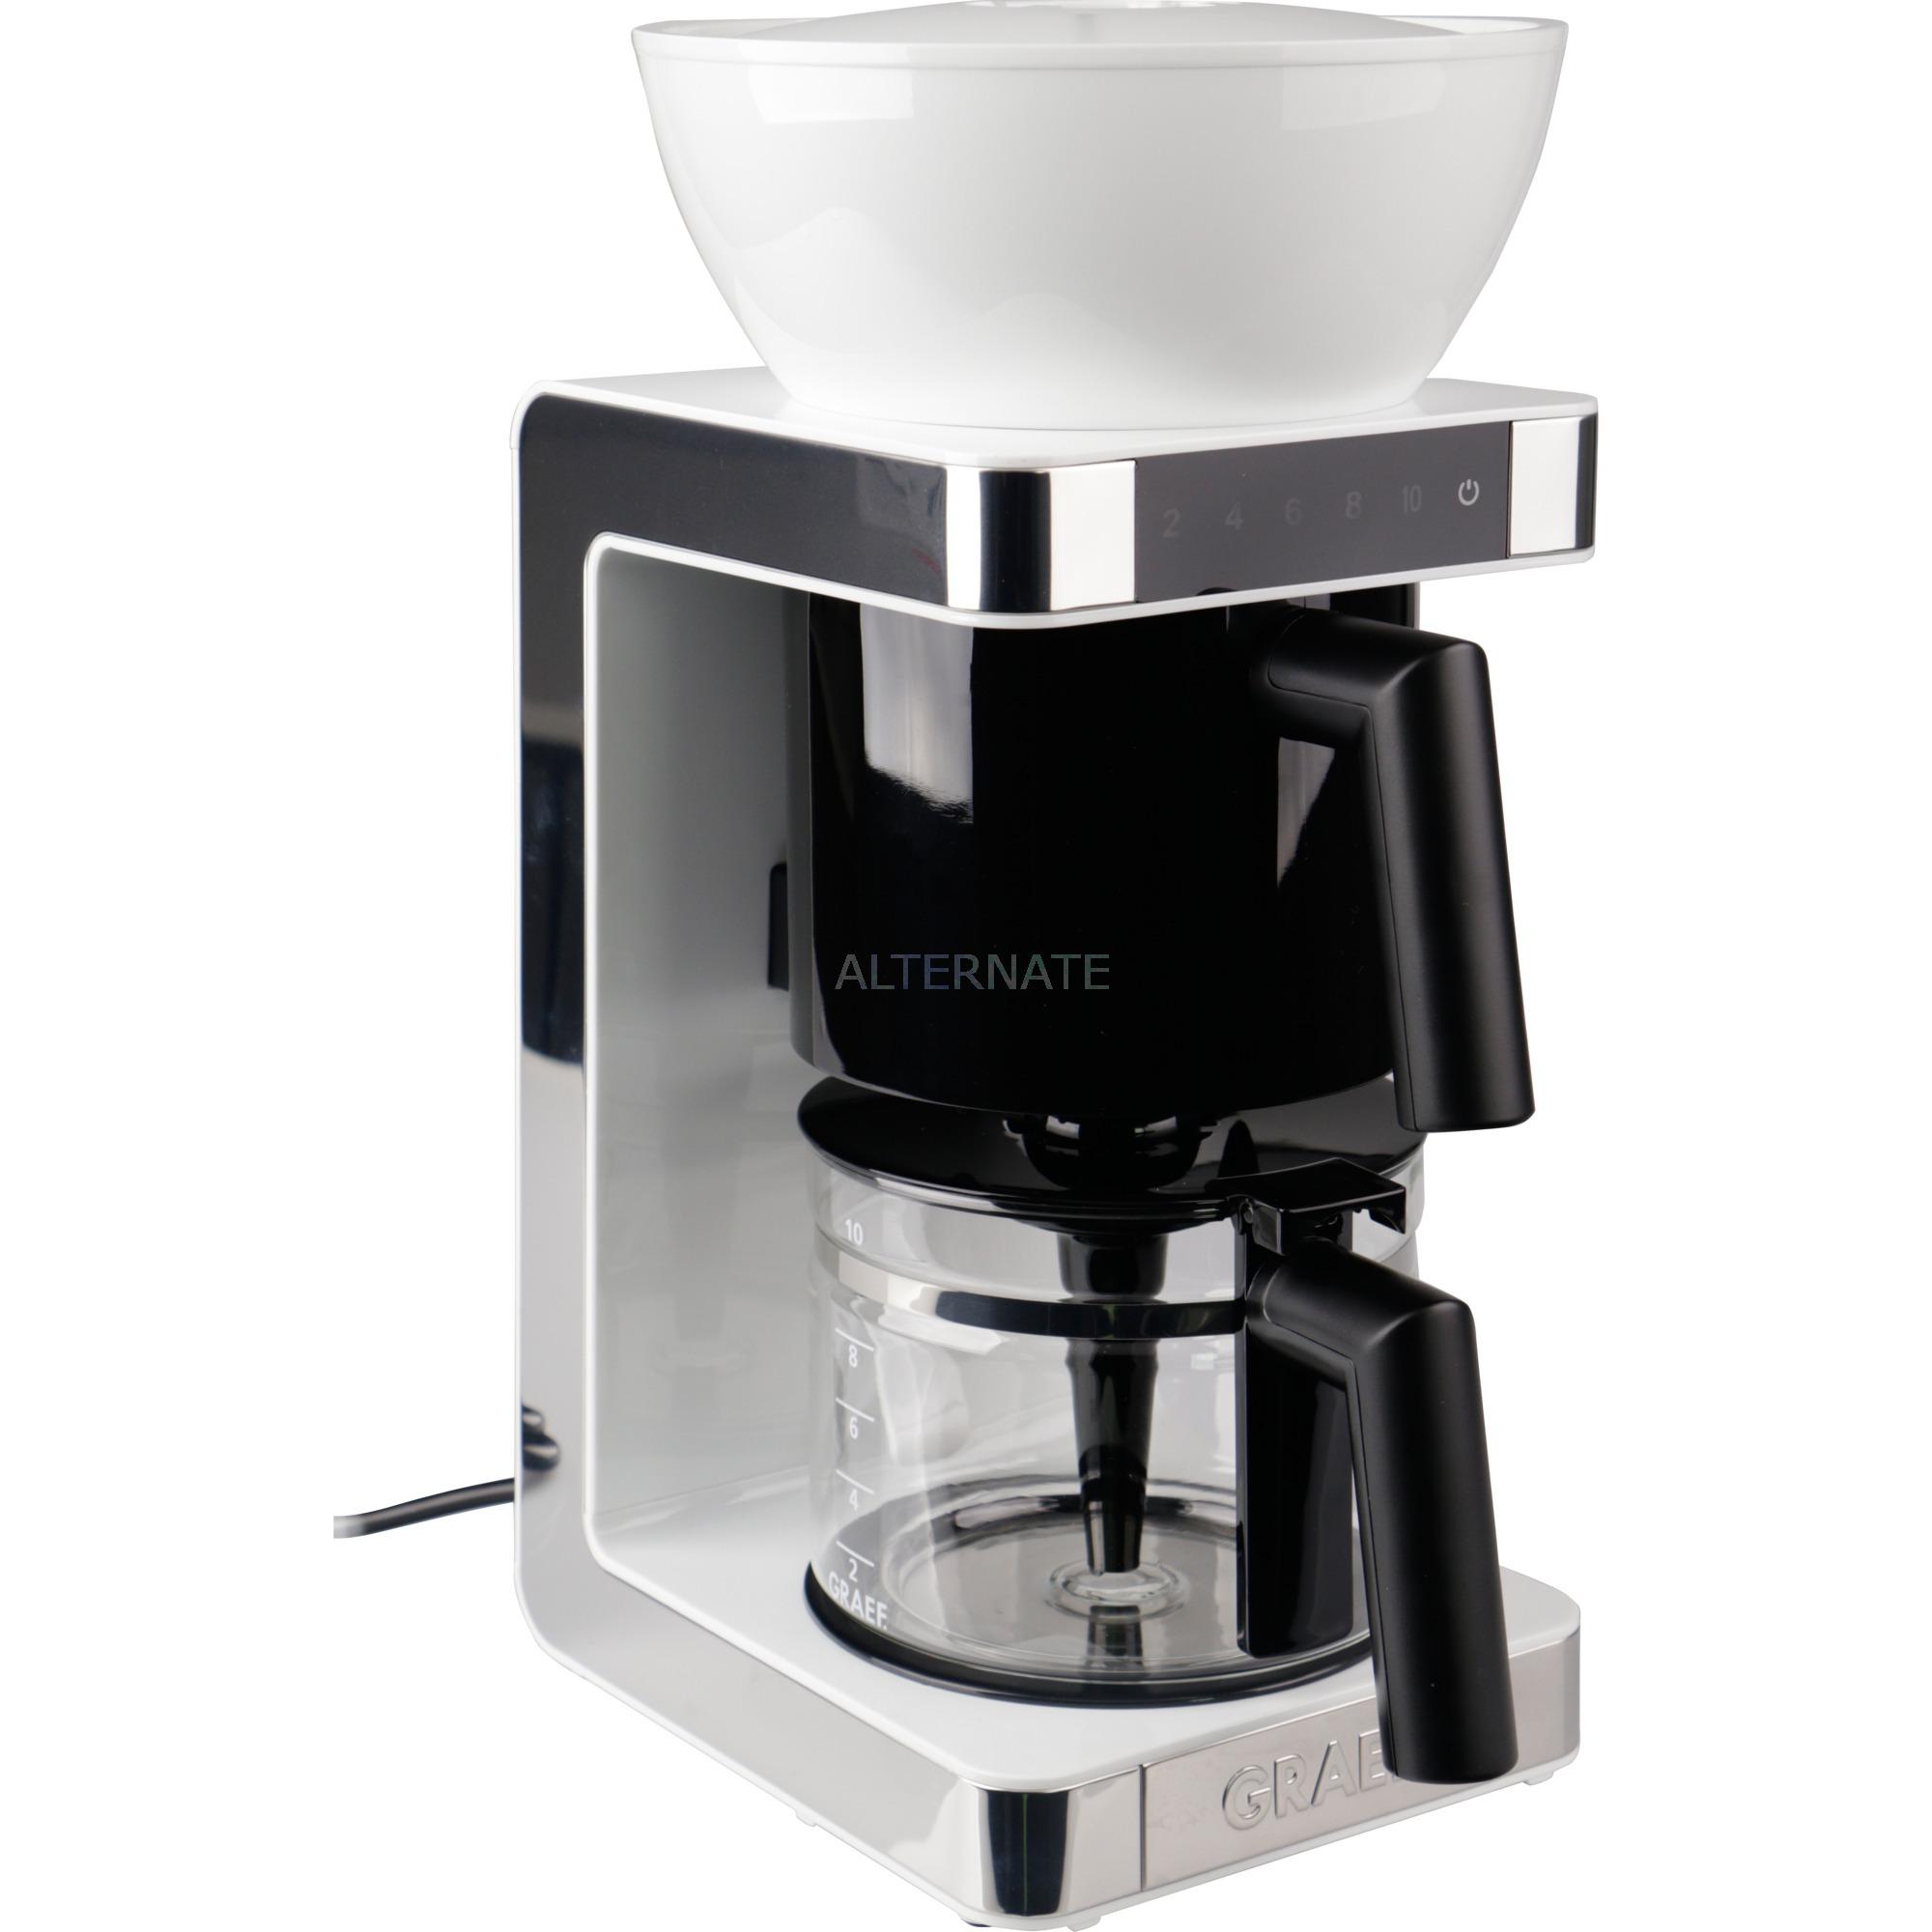 FK 701 Independiente Cafetera de filtro Blanco 1,25 L 10 tazas Semi-automática